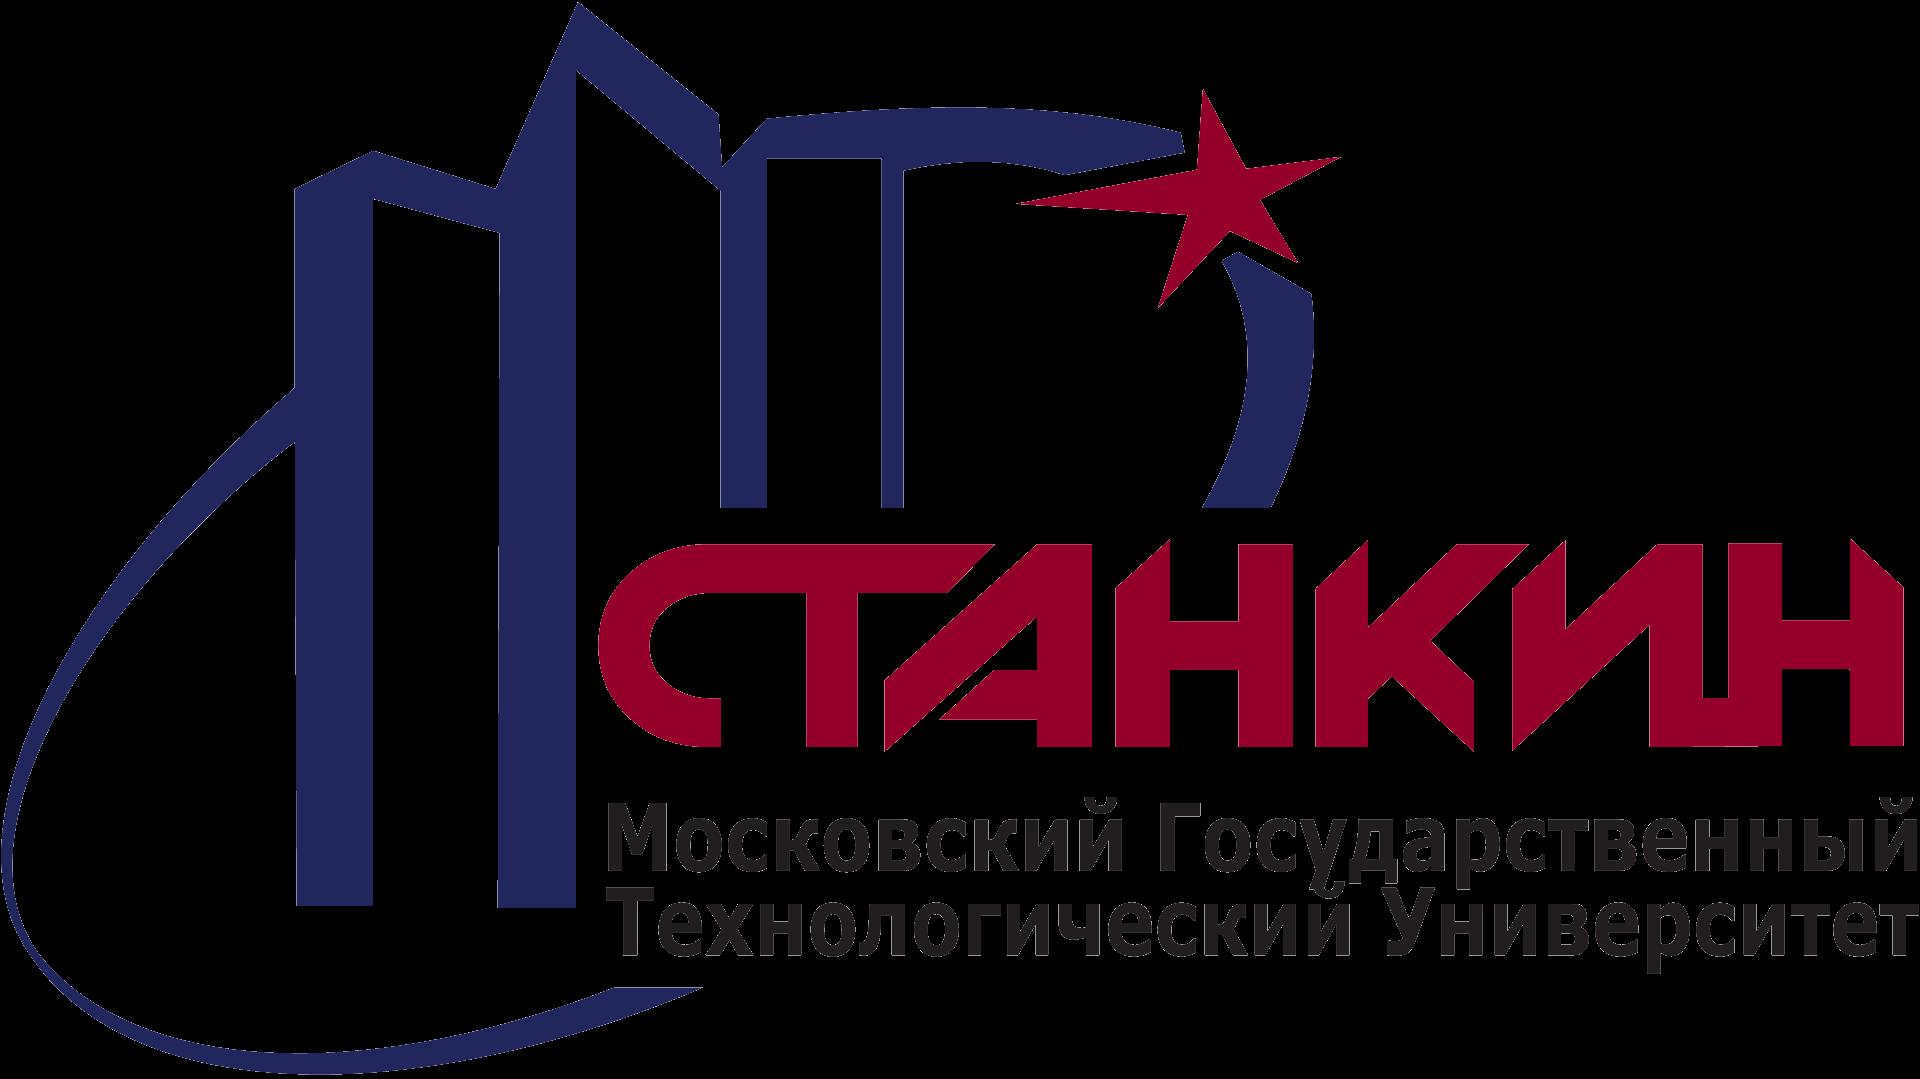 Московский государственный технологический университет «Станкин», МГТУ